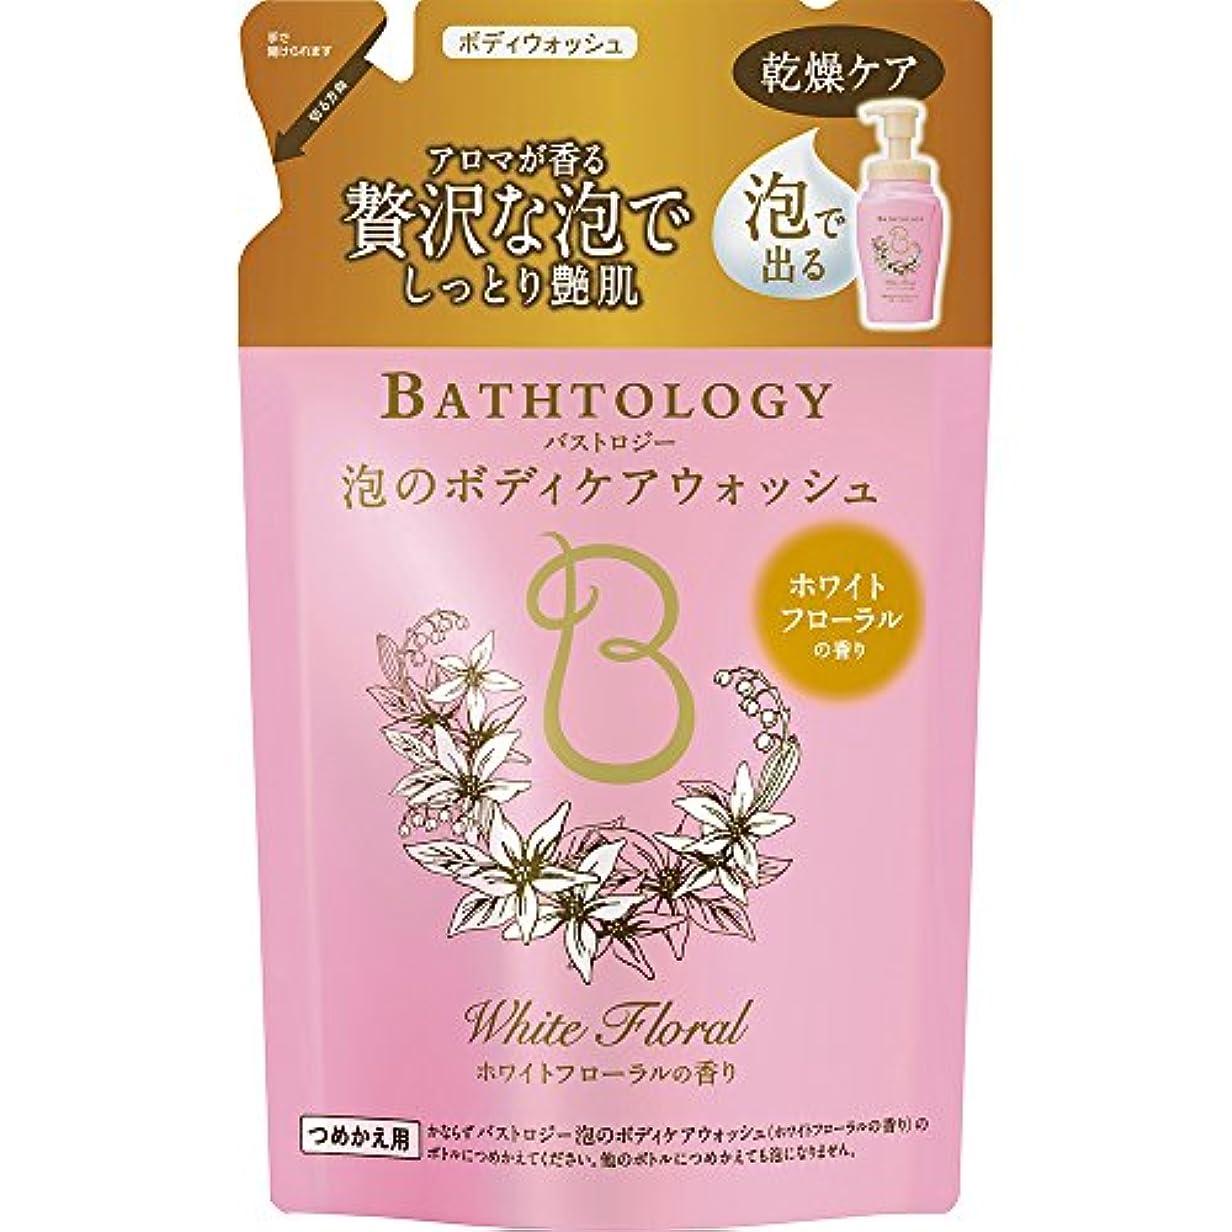 剪断部族ラッカスBATHTOLOGY 泡のボディケアウォッシュ ホワイトフローラルの香り 詰め替え 350ml